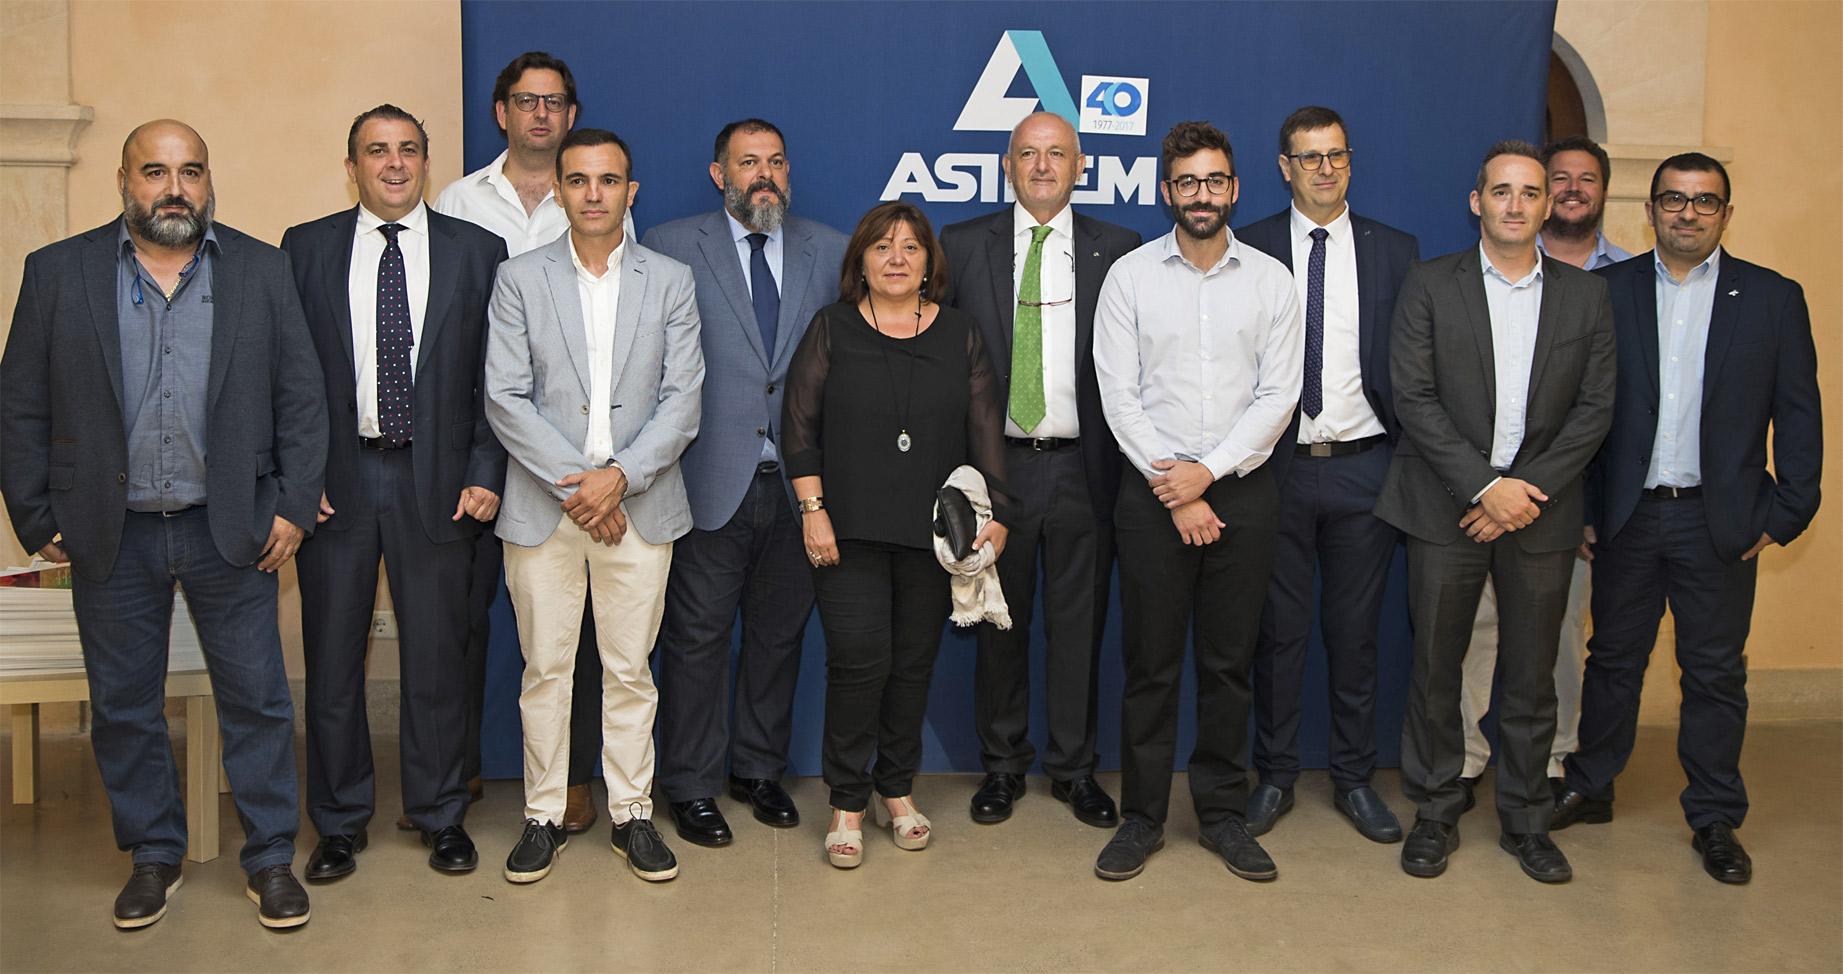 acto-institucional-asinem